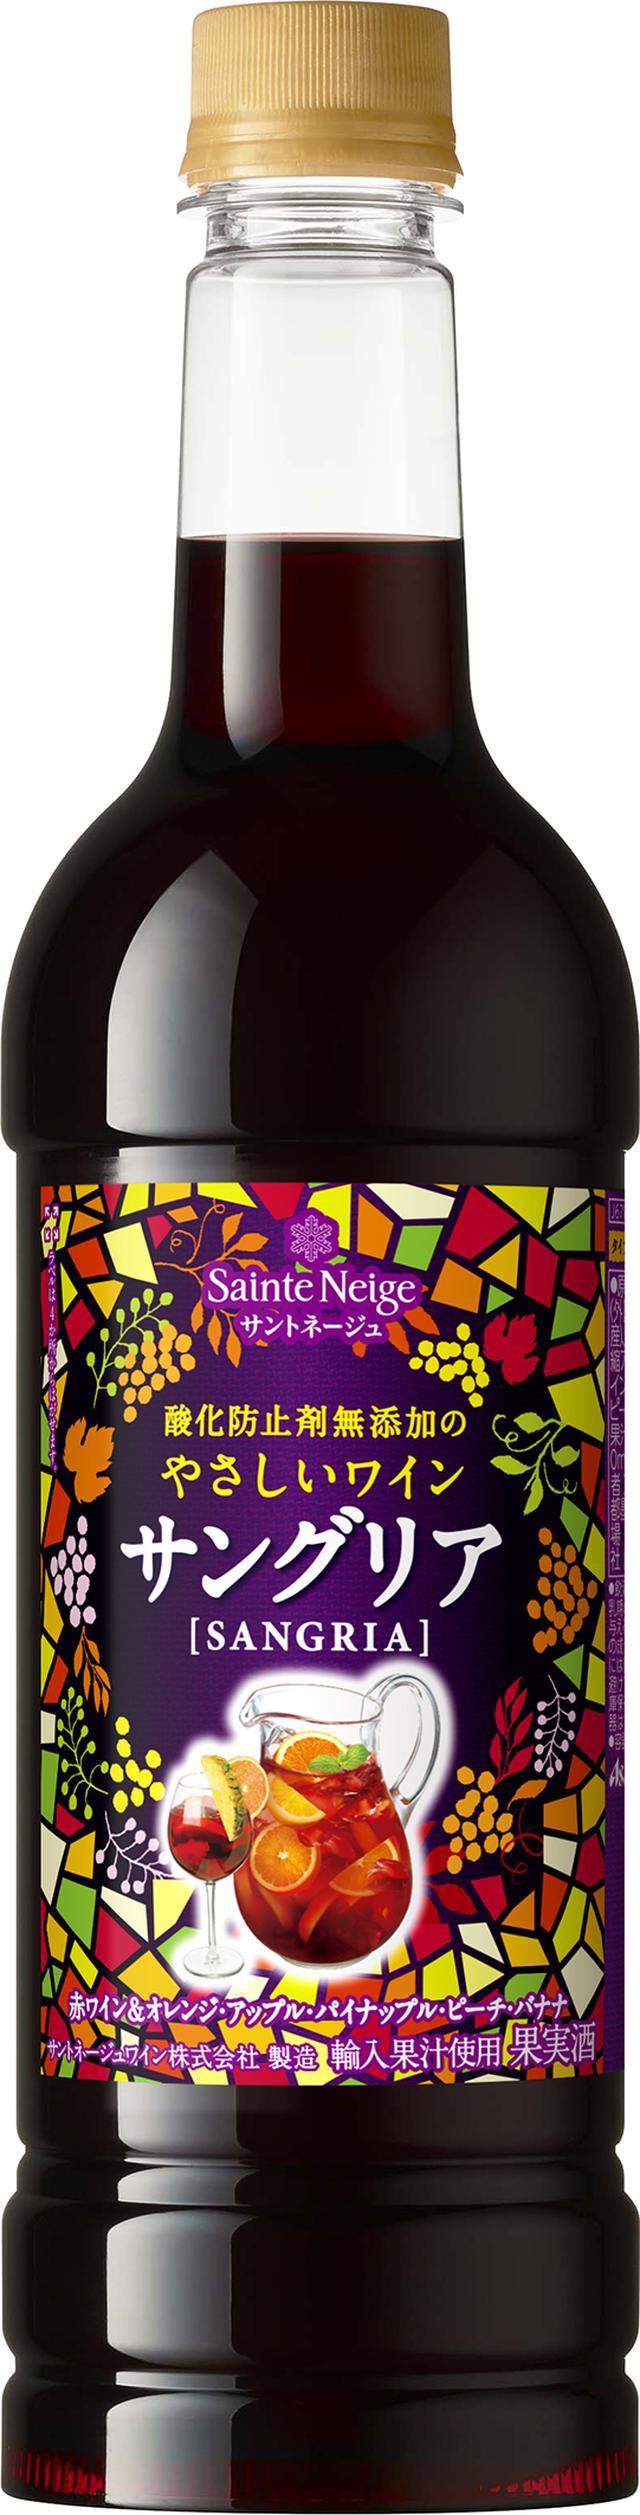 画像: 『サントネージュ 酸化防止剤無添加のやさしいワイン サングリア』